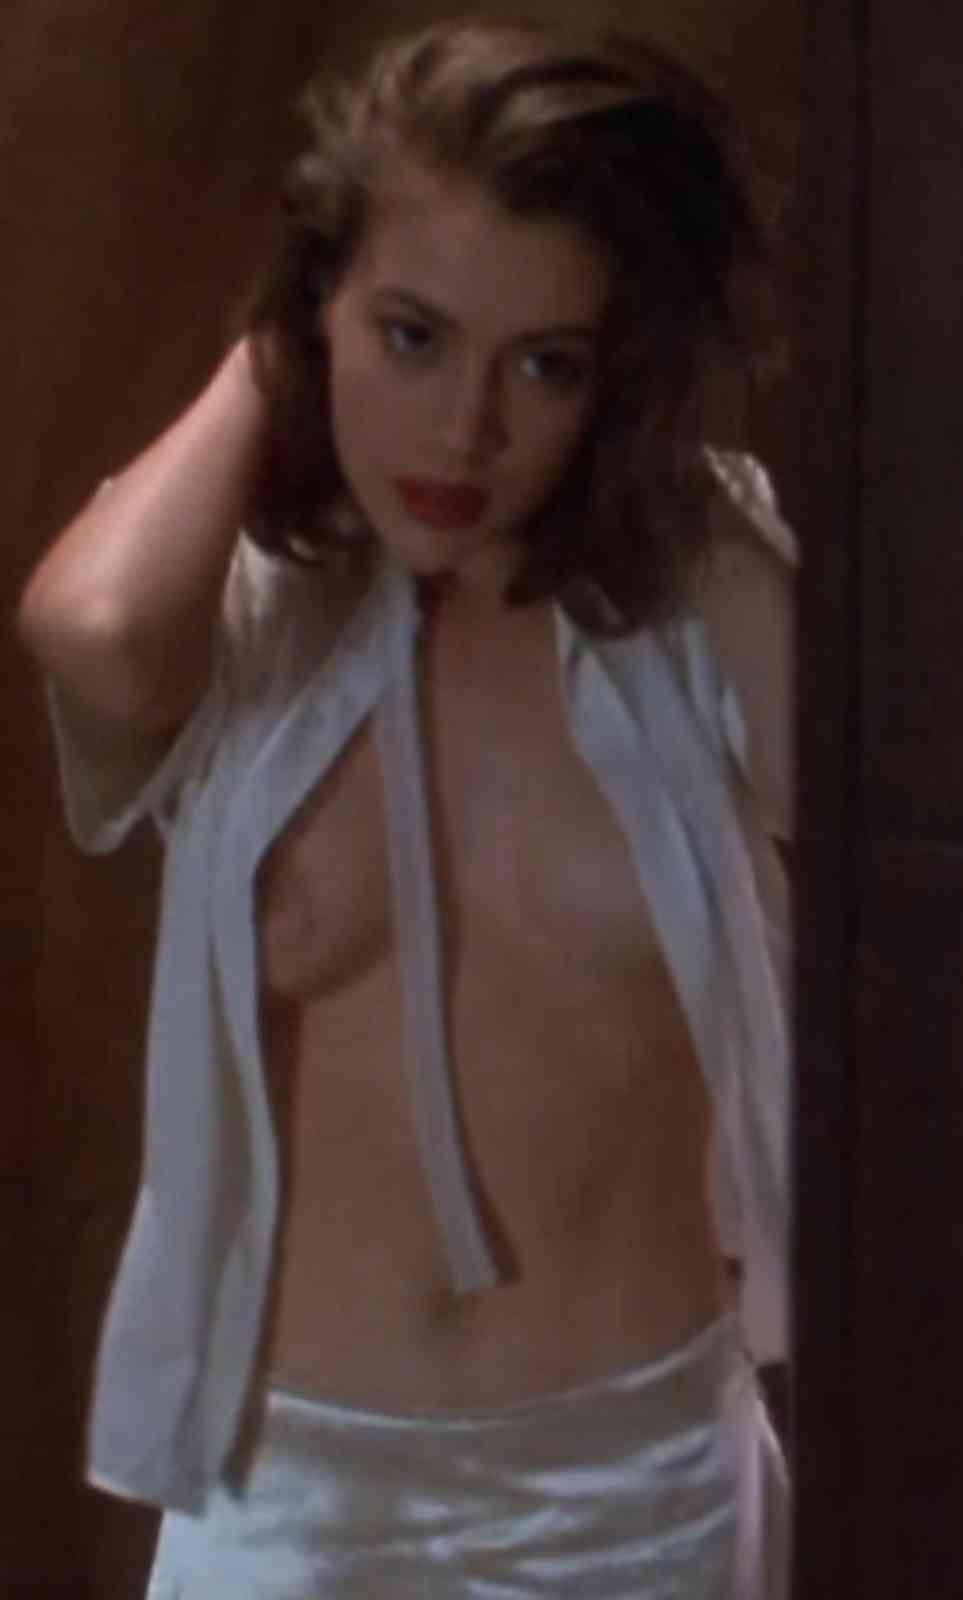 Zenith reccomend Alyssa milanno nude pics